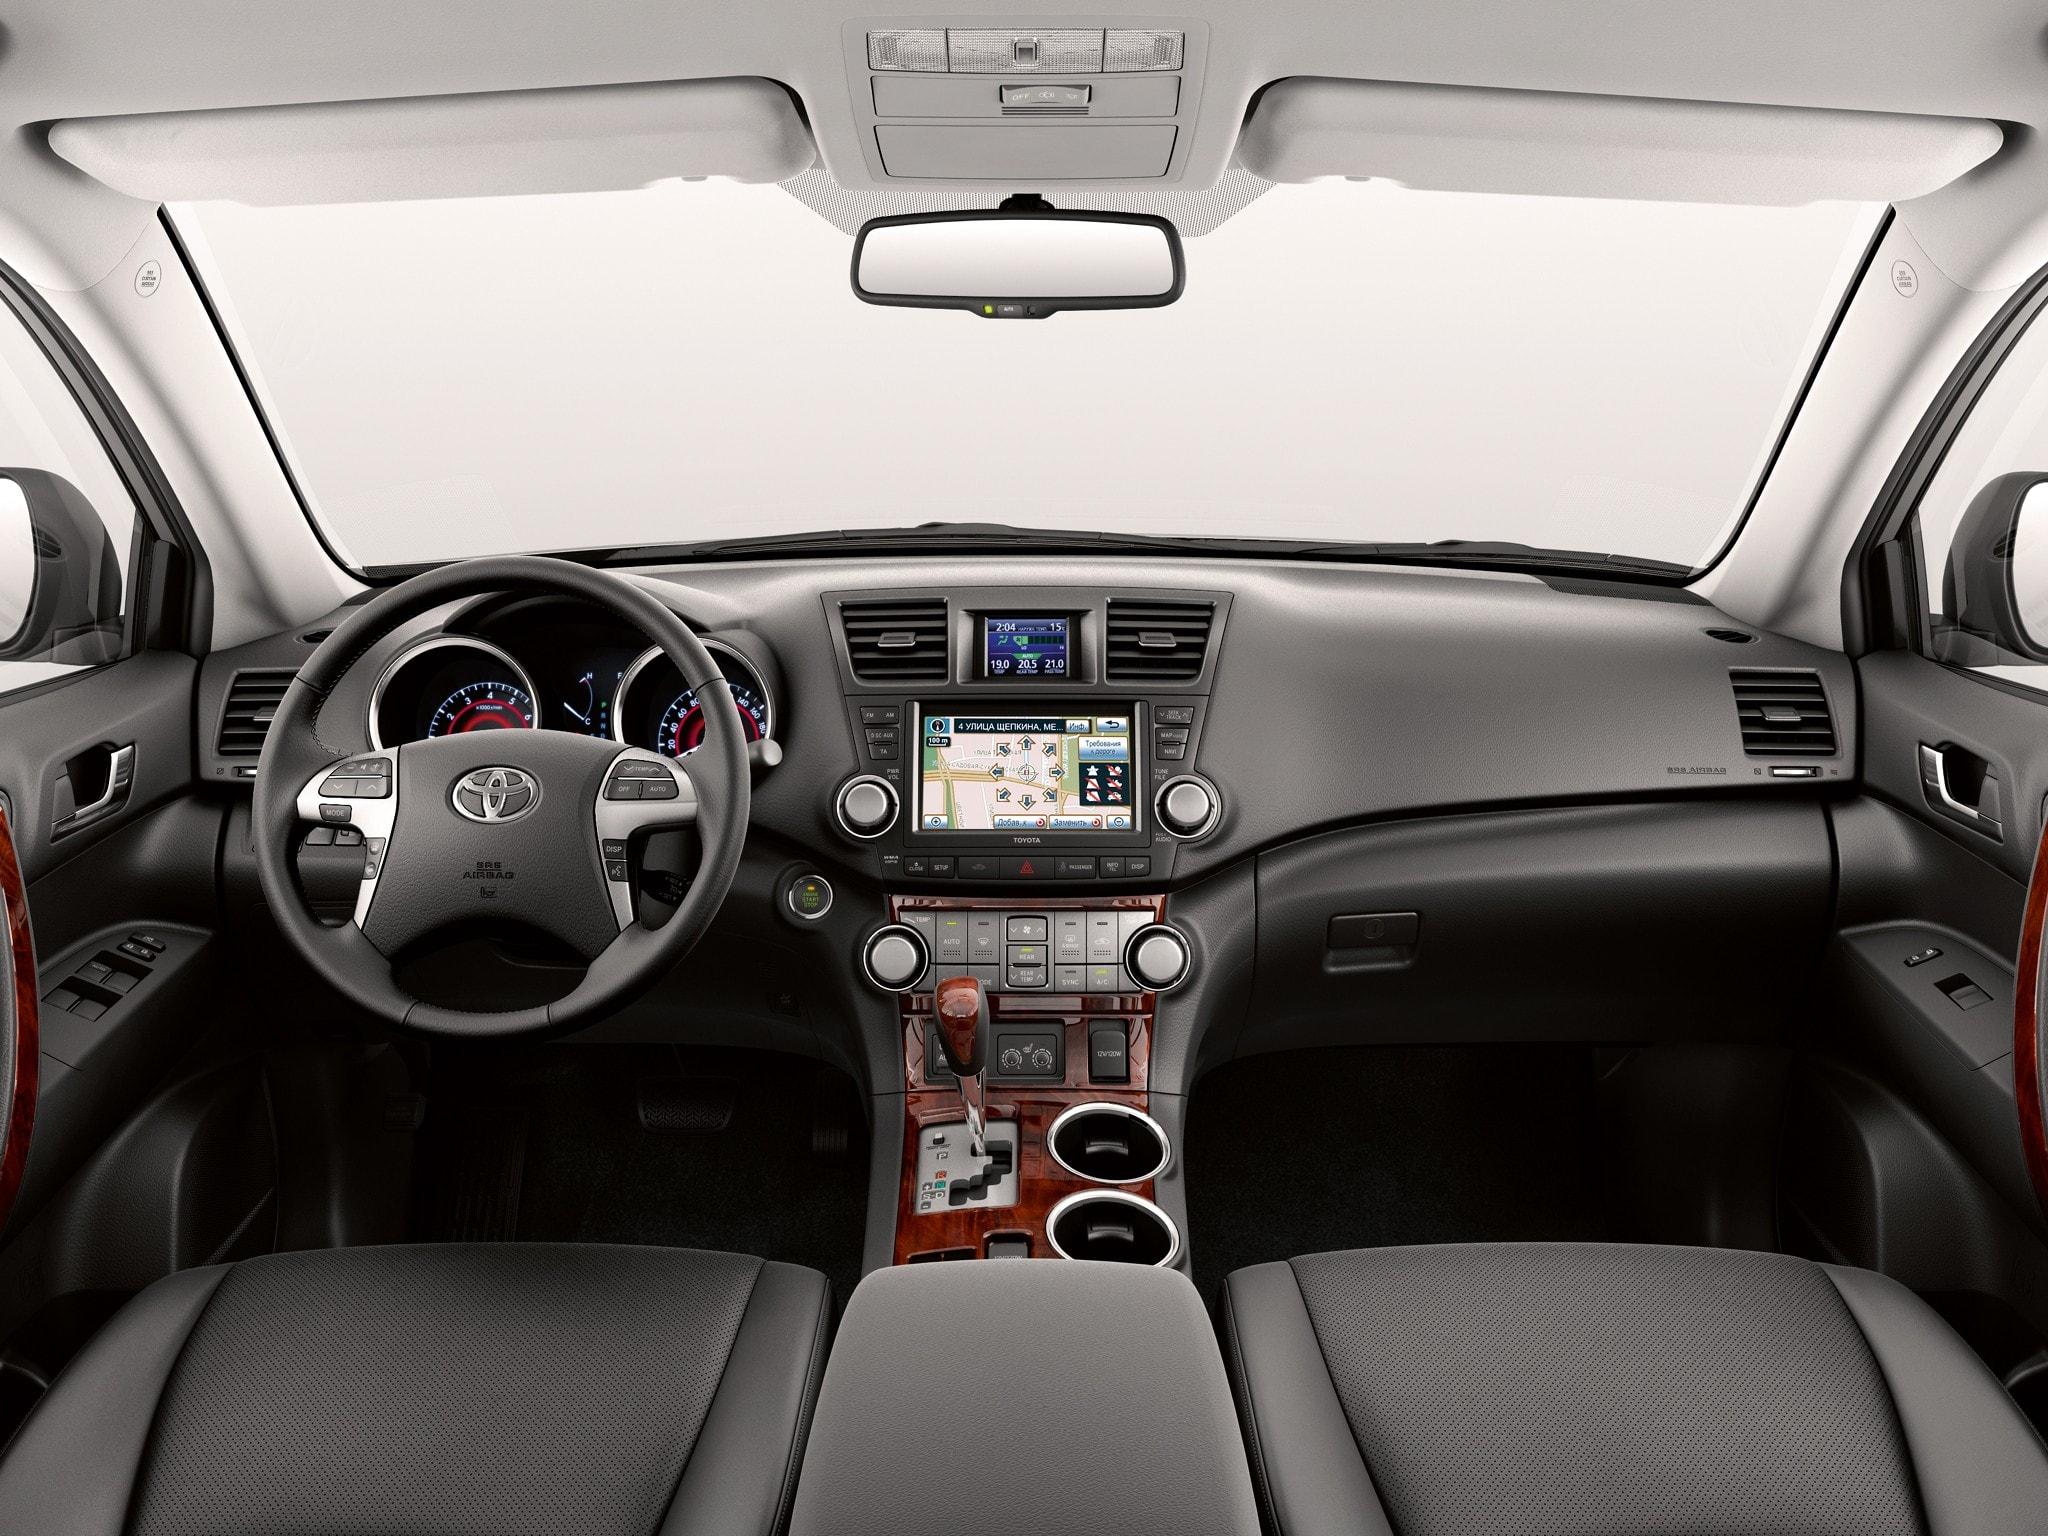 Как погасить лампочку MAINT REQD в Toyota Highlander II